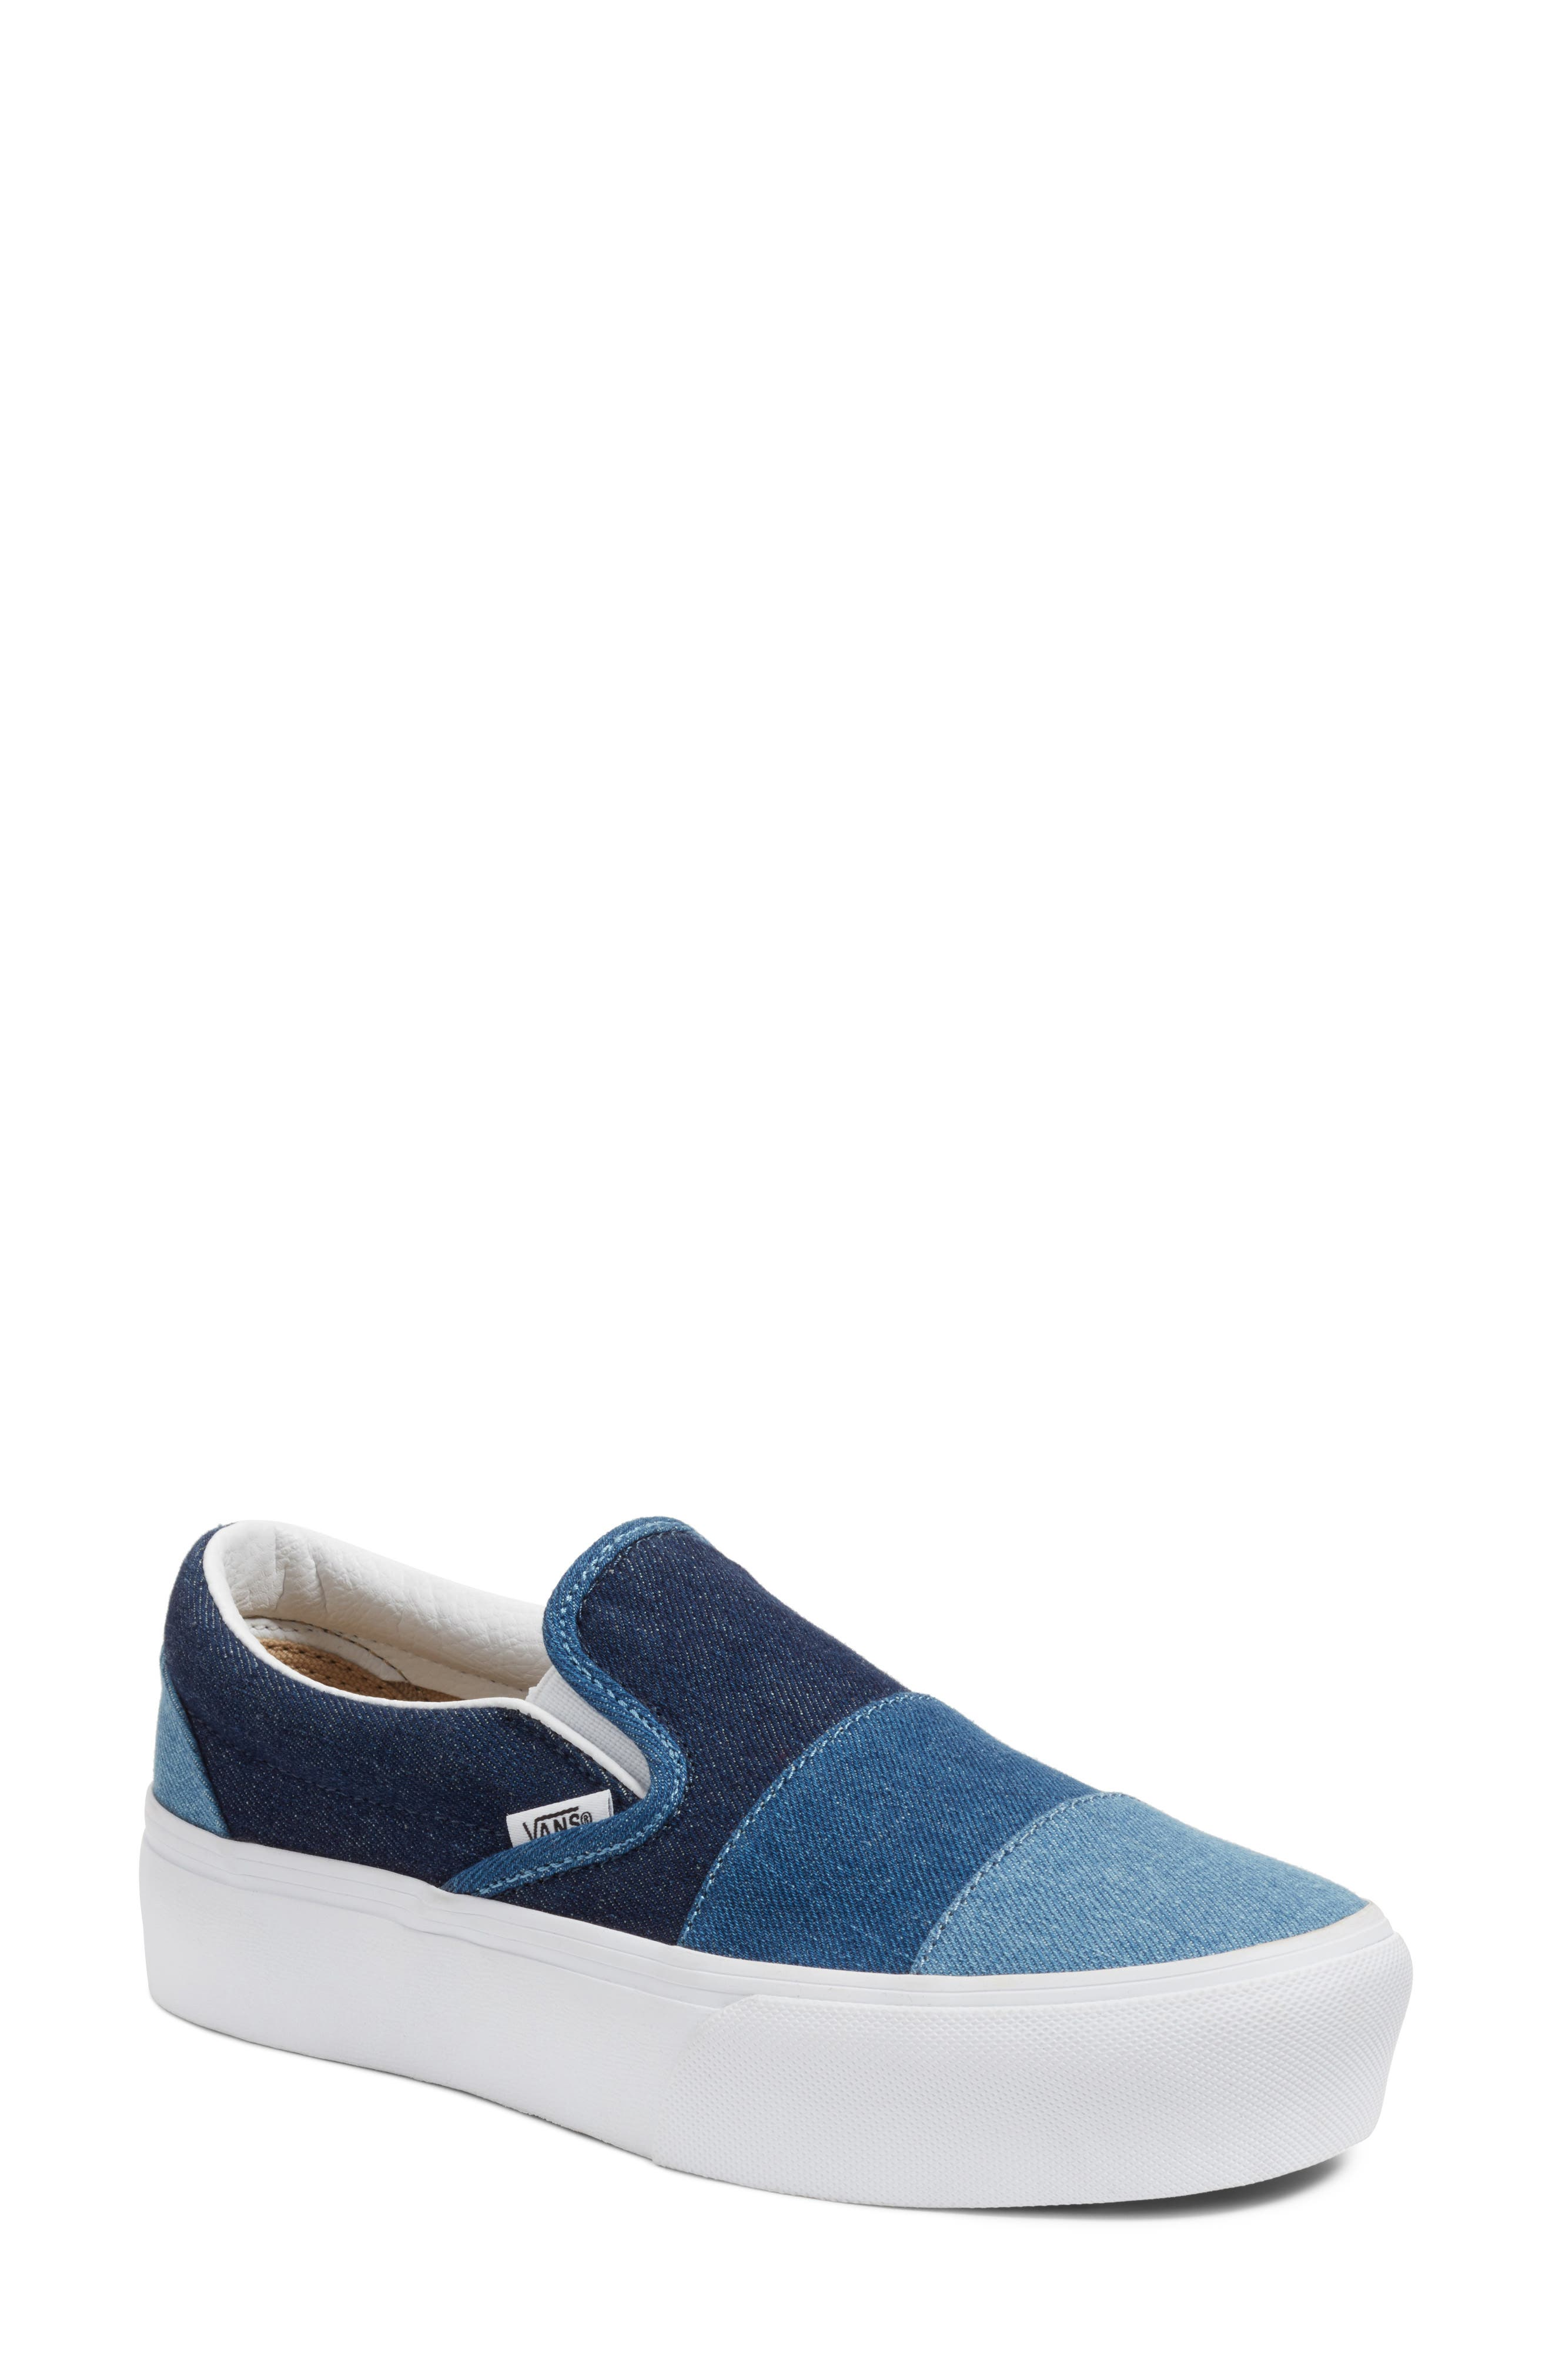 Vans Slip-On Sneaker (Women)